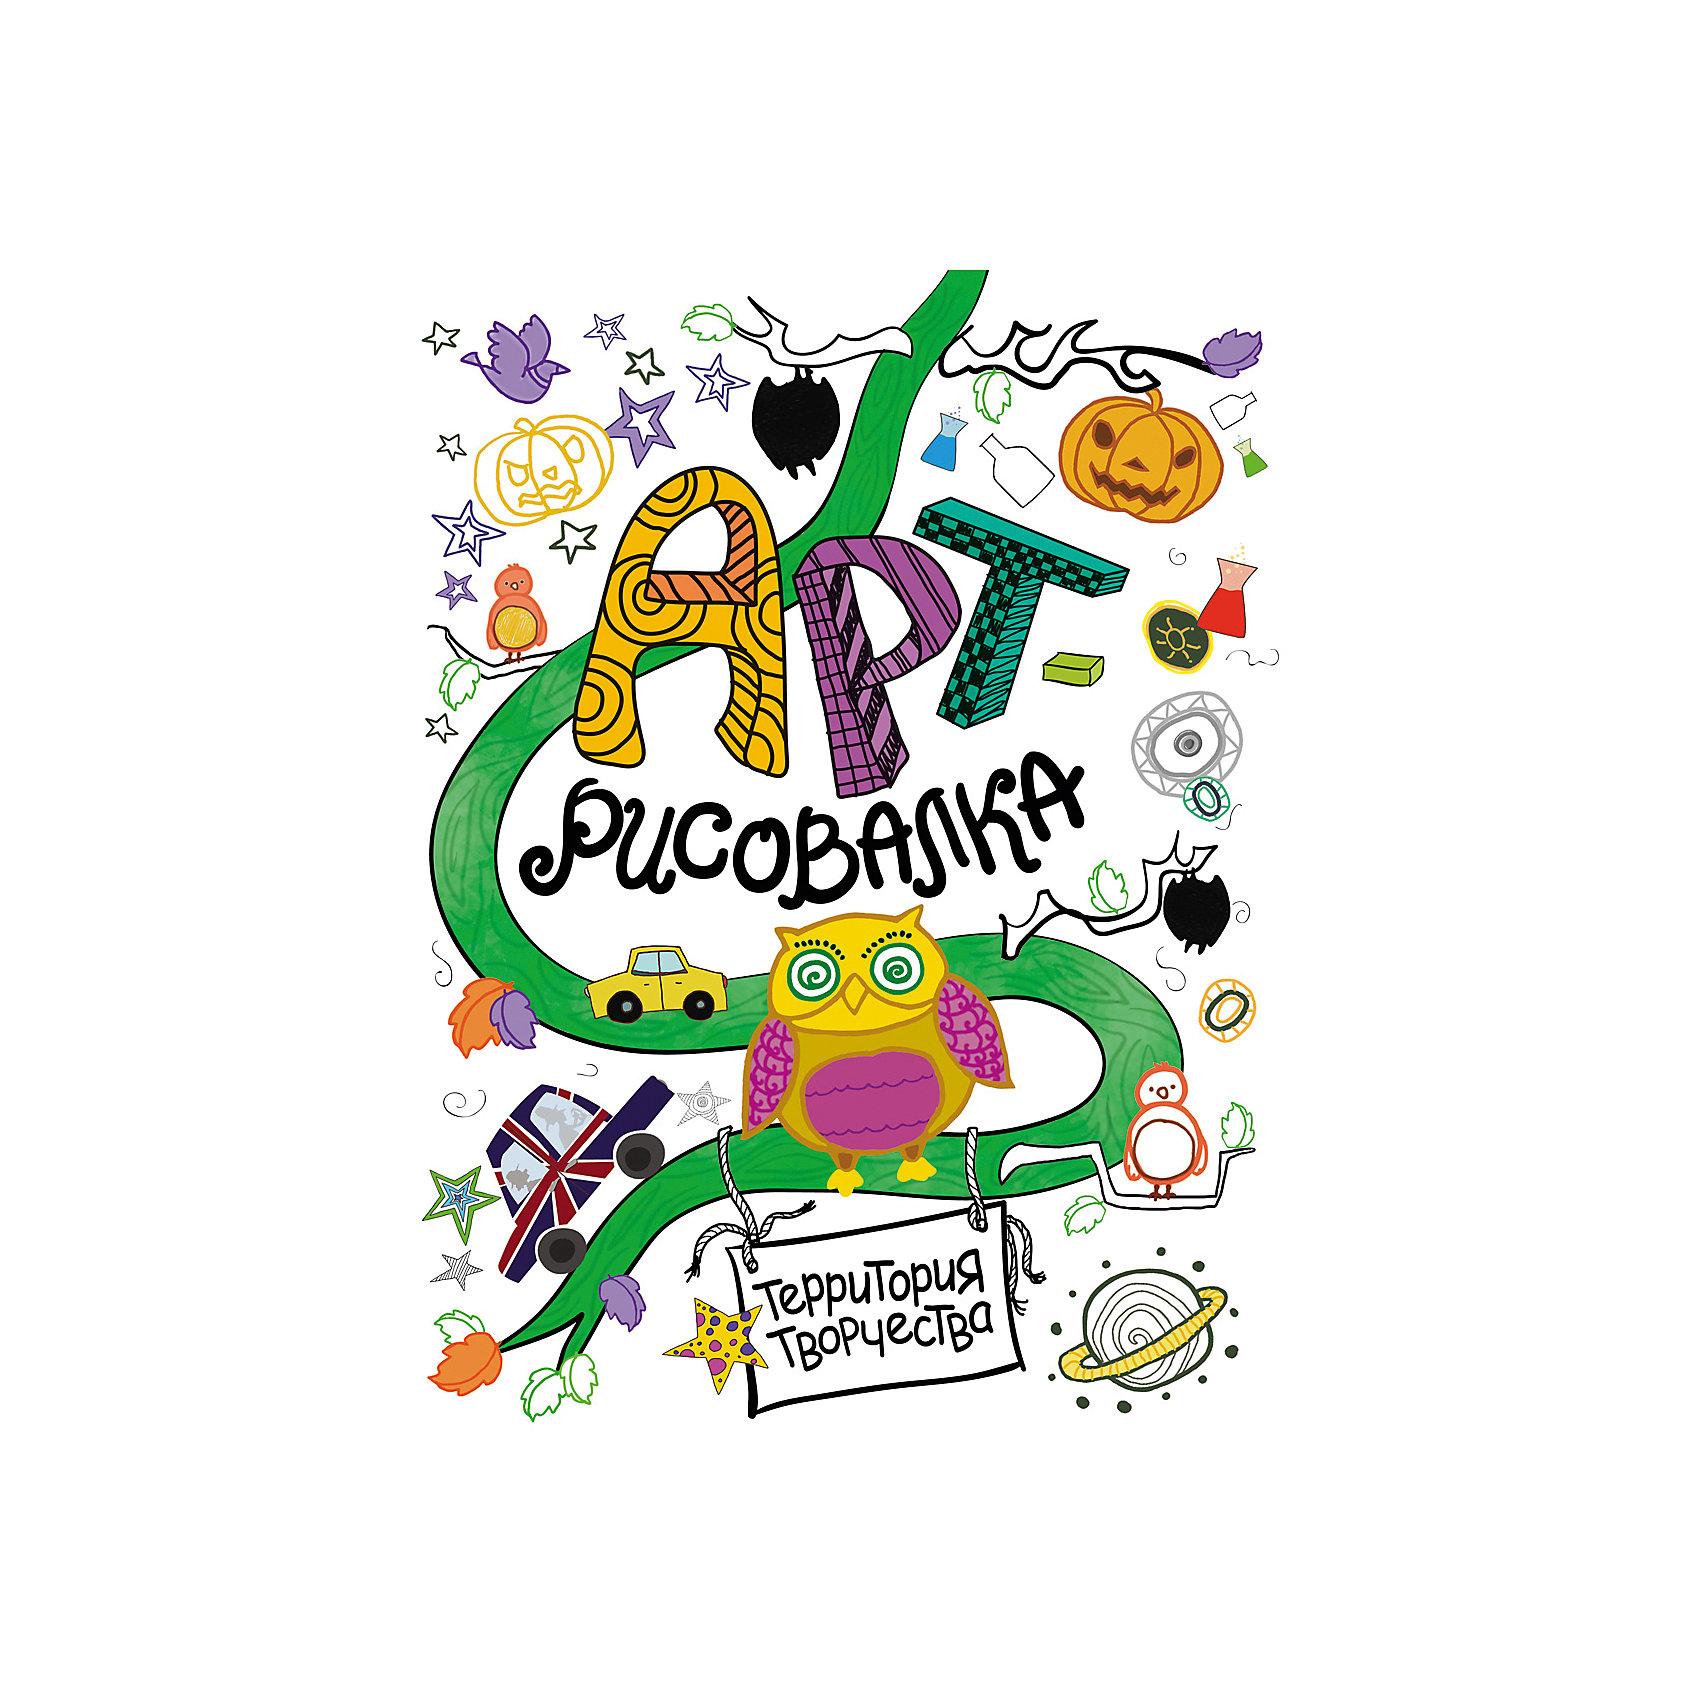 Арт-рисовалка СоваАрт-рисовалка Сова - необычная раскраска и альбом для рисования, которая поможет Вашему ребенку развить свои творческие способности. Веселые креативные задания, необычные забавные персонажи и красочные картинки открывают неограниченный простор для творческой фантазии. Арт-рисовалки - это территория творчества!<br><br>Дополнительная информация:<br><br>- Обложка: мягкая.<br>- Иллюстрации: цветные + черно-белые.<br>- Объем: 16 стр.<br>- Размер: 27,5 х 21,2 х 0,2 см.<br>- Вес: 73 гр.<br><br>Арт-рисовалку Сова, Росмэн, можно купить в нашем интернет-магазине.<br><br>Ширина мм: 275<br>Глубина мм: 212<br>Высота мм: 2<br>Вес г: 73<br>Возраст от месяцев: 18<br>Возраст до месяцев: 48<br>Пол: Унисекс<br>Возраст: Детский<br>SKU: 4046793